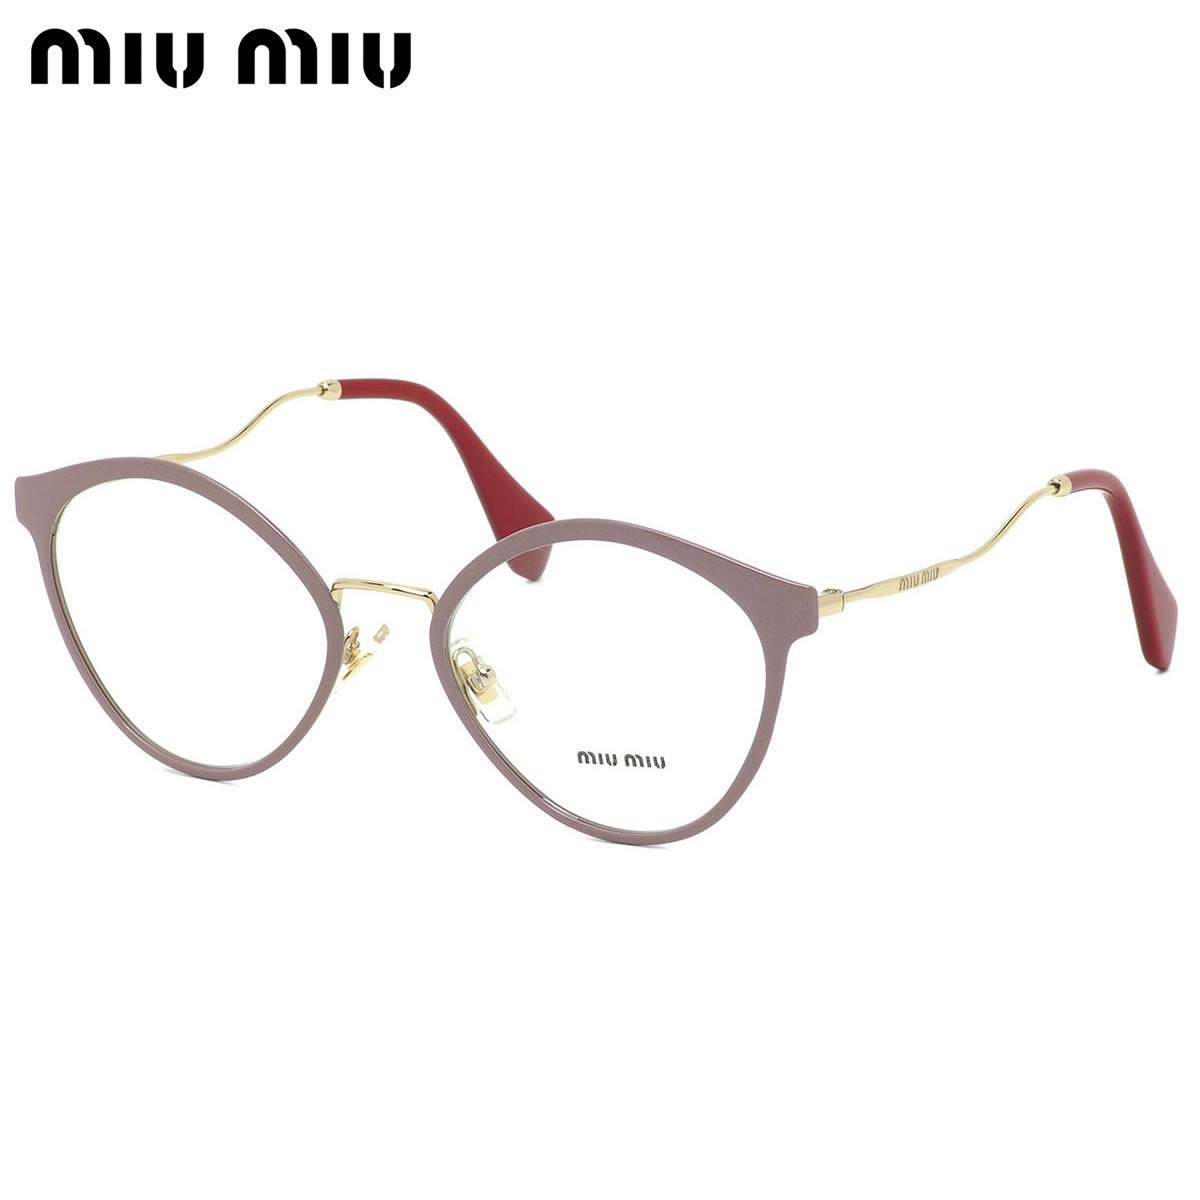 ミュウミュウ MIUMIU メガネ MU52QV 4UD1O1 52サイズ ボストン キャッツアイ レディース 華奢 ミュウミュウ MIUMIU レディース